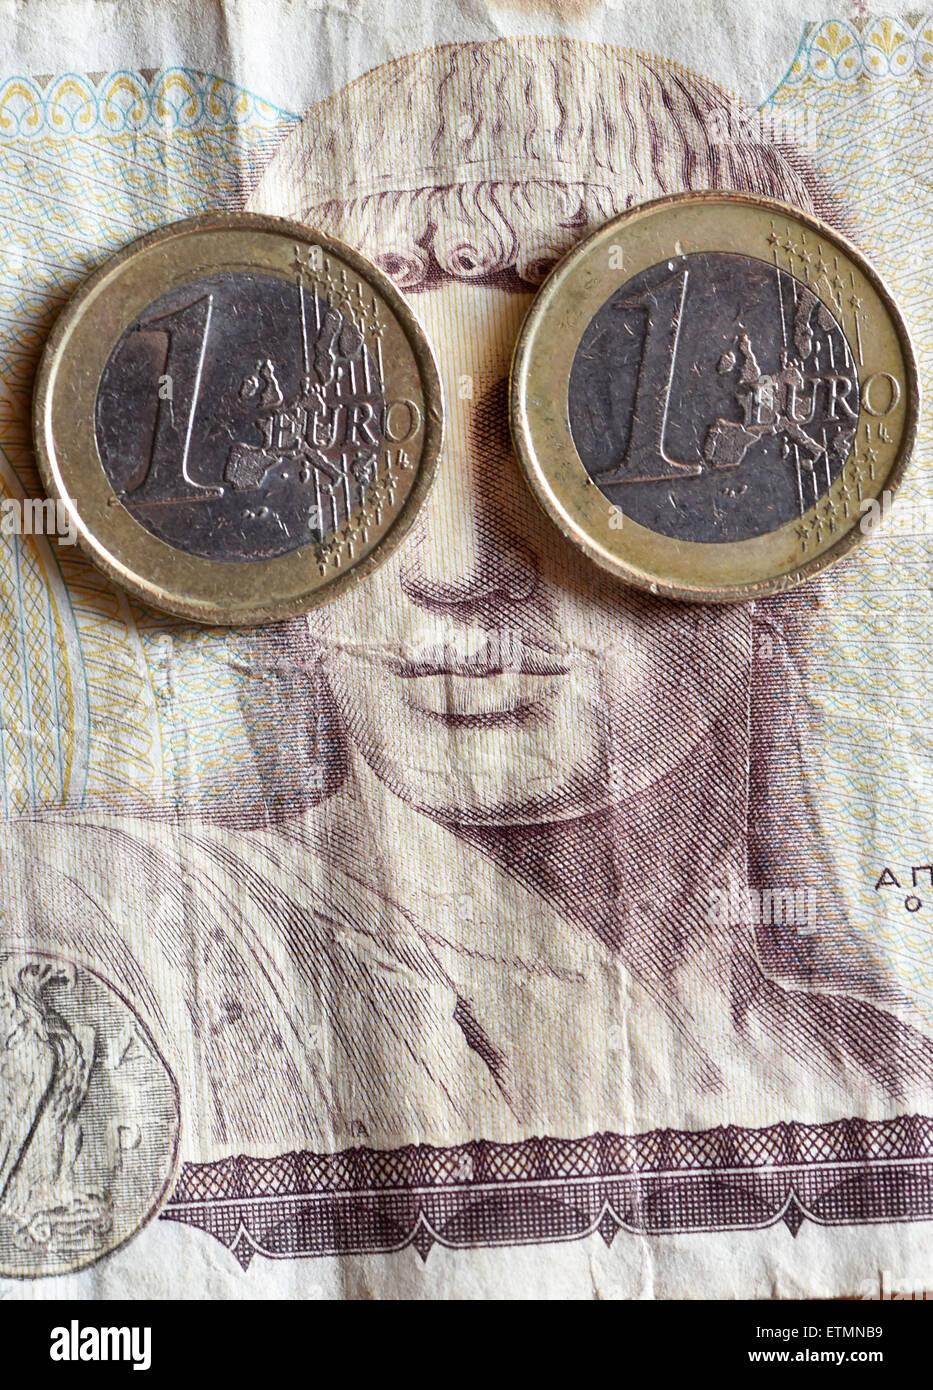 Berlín, Alemania. El 14 de junio de 2015. Ilustración - dos monedas de euro cubrir los ojos del dios griego Apolo en 1000 dracma griego bill en Berlín, Alemania, el 14 de junio de 2015. Foto: Jens Kalaene/dpa/Alamy Live News Foto de stock